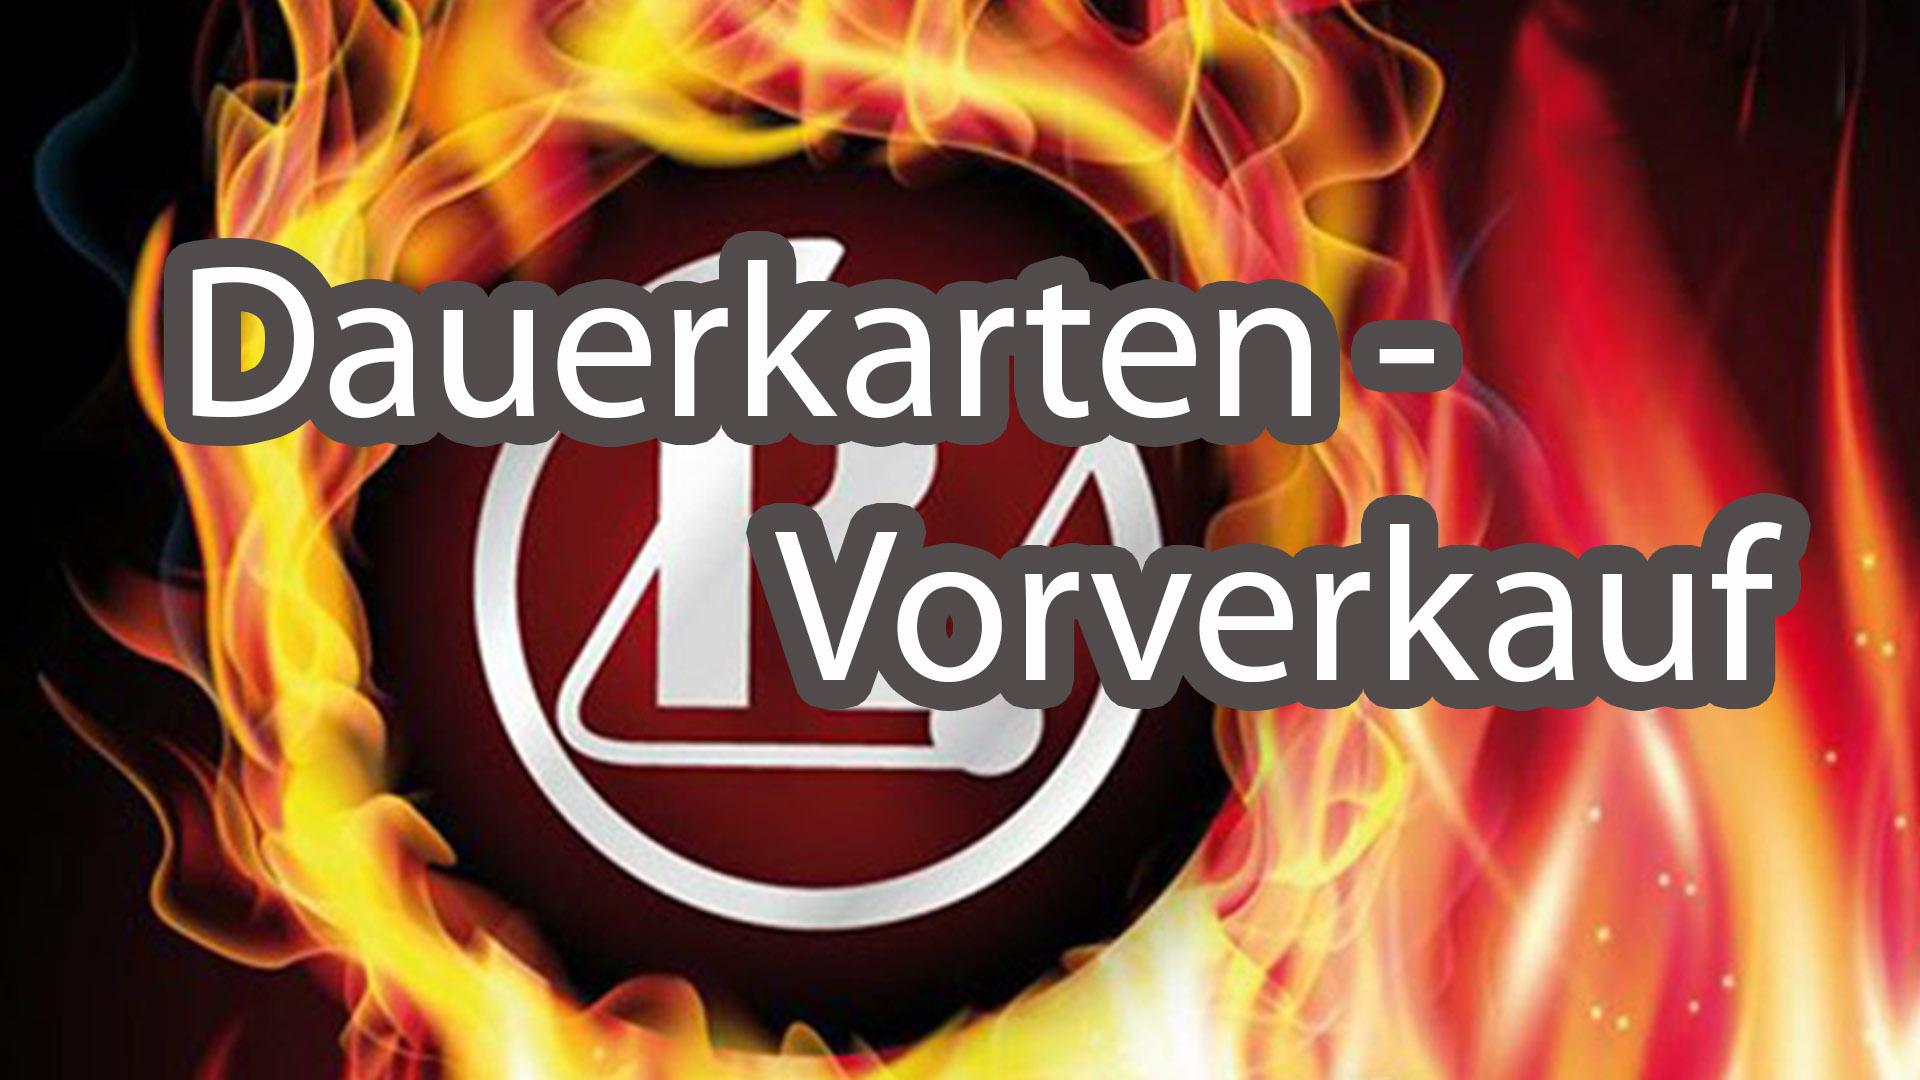 Dauerkartenverkauf für Bundesligakämpfe